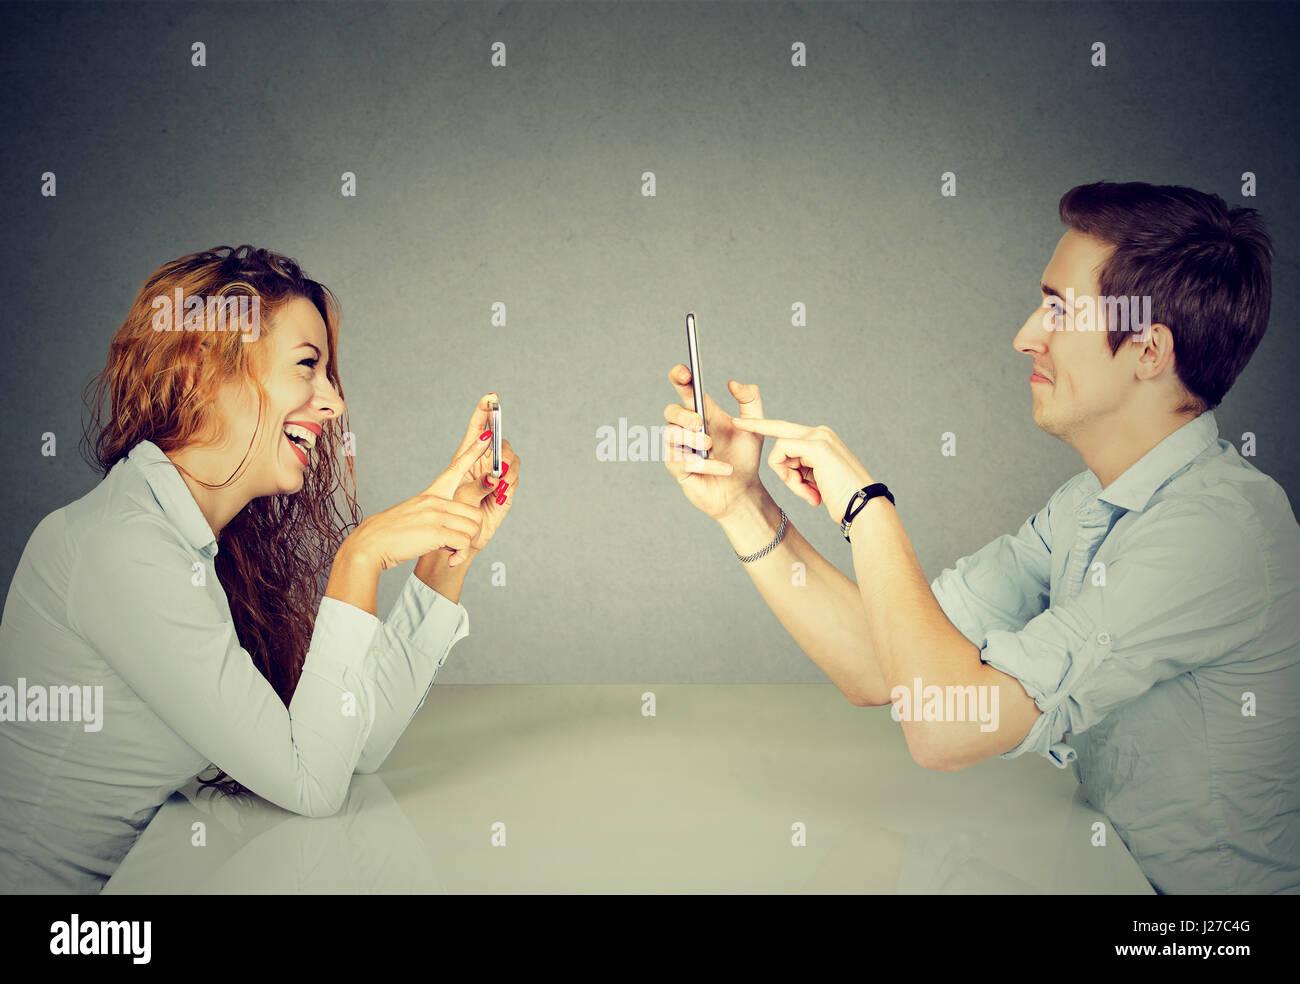 Jeune homme et femme assis à table à l'aide de téléphones mobiles, sms via les réseaux sociaux avec expression obsédé Banque D'Images